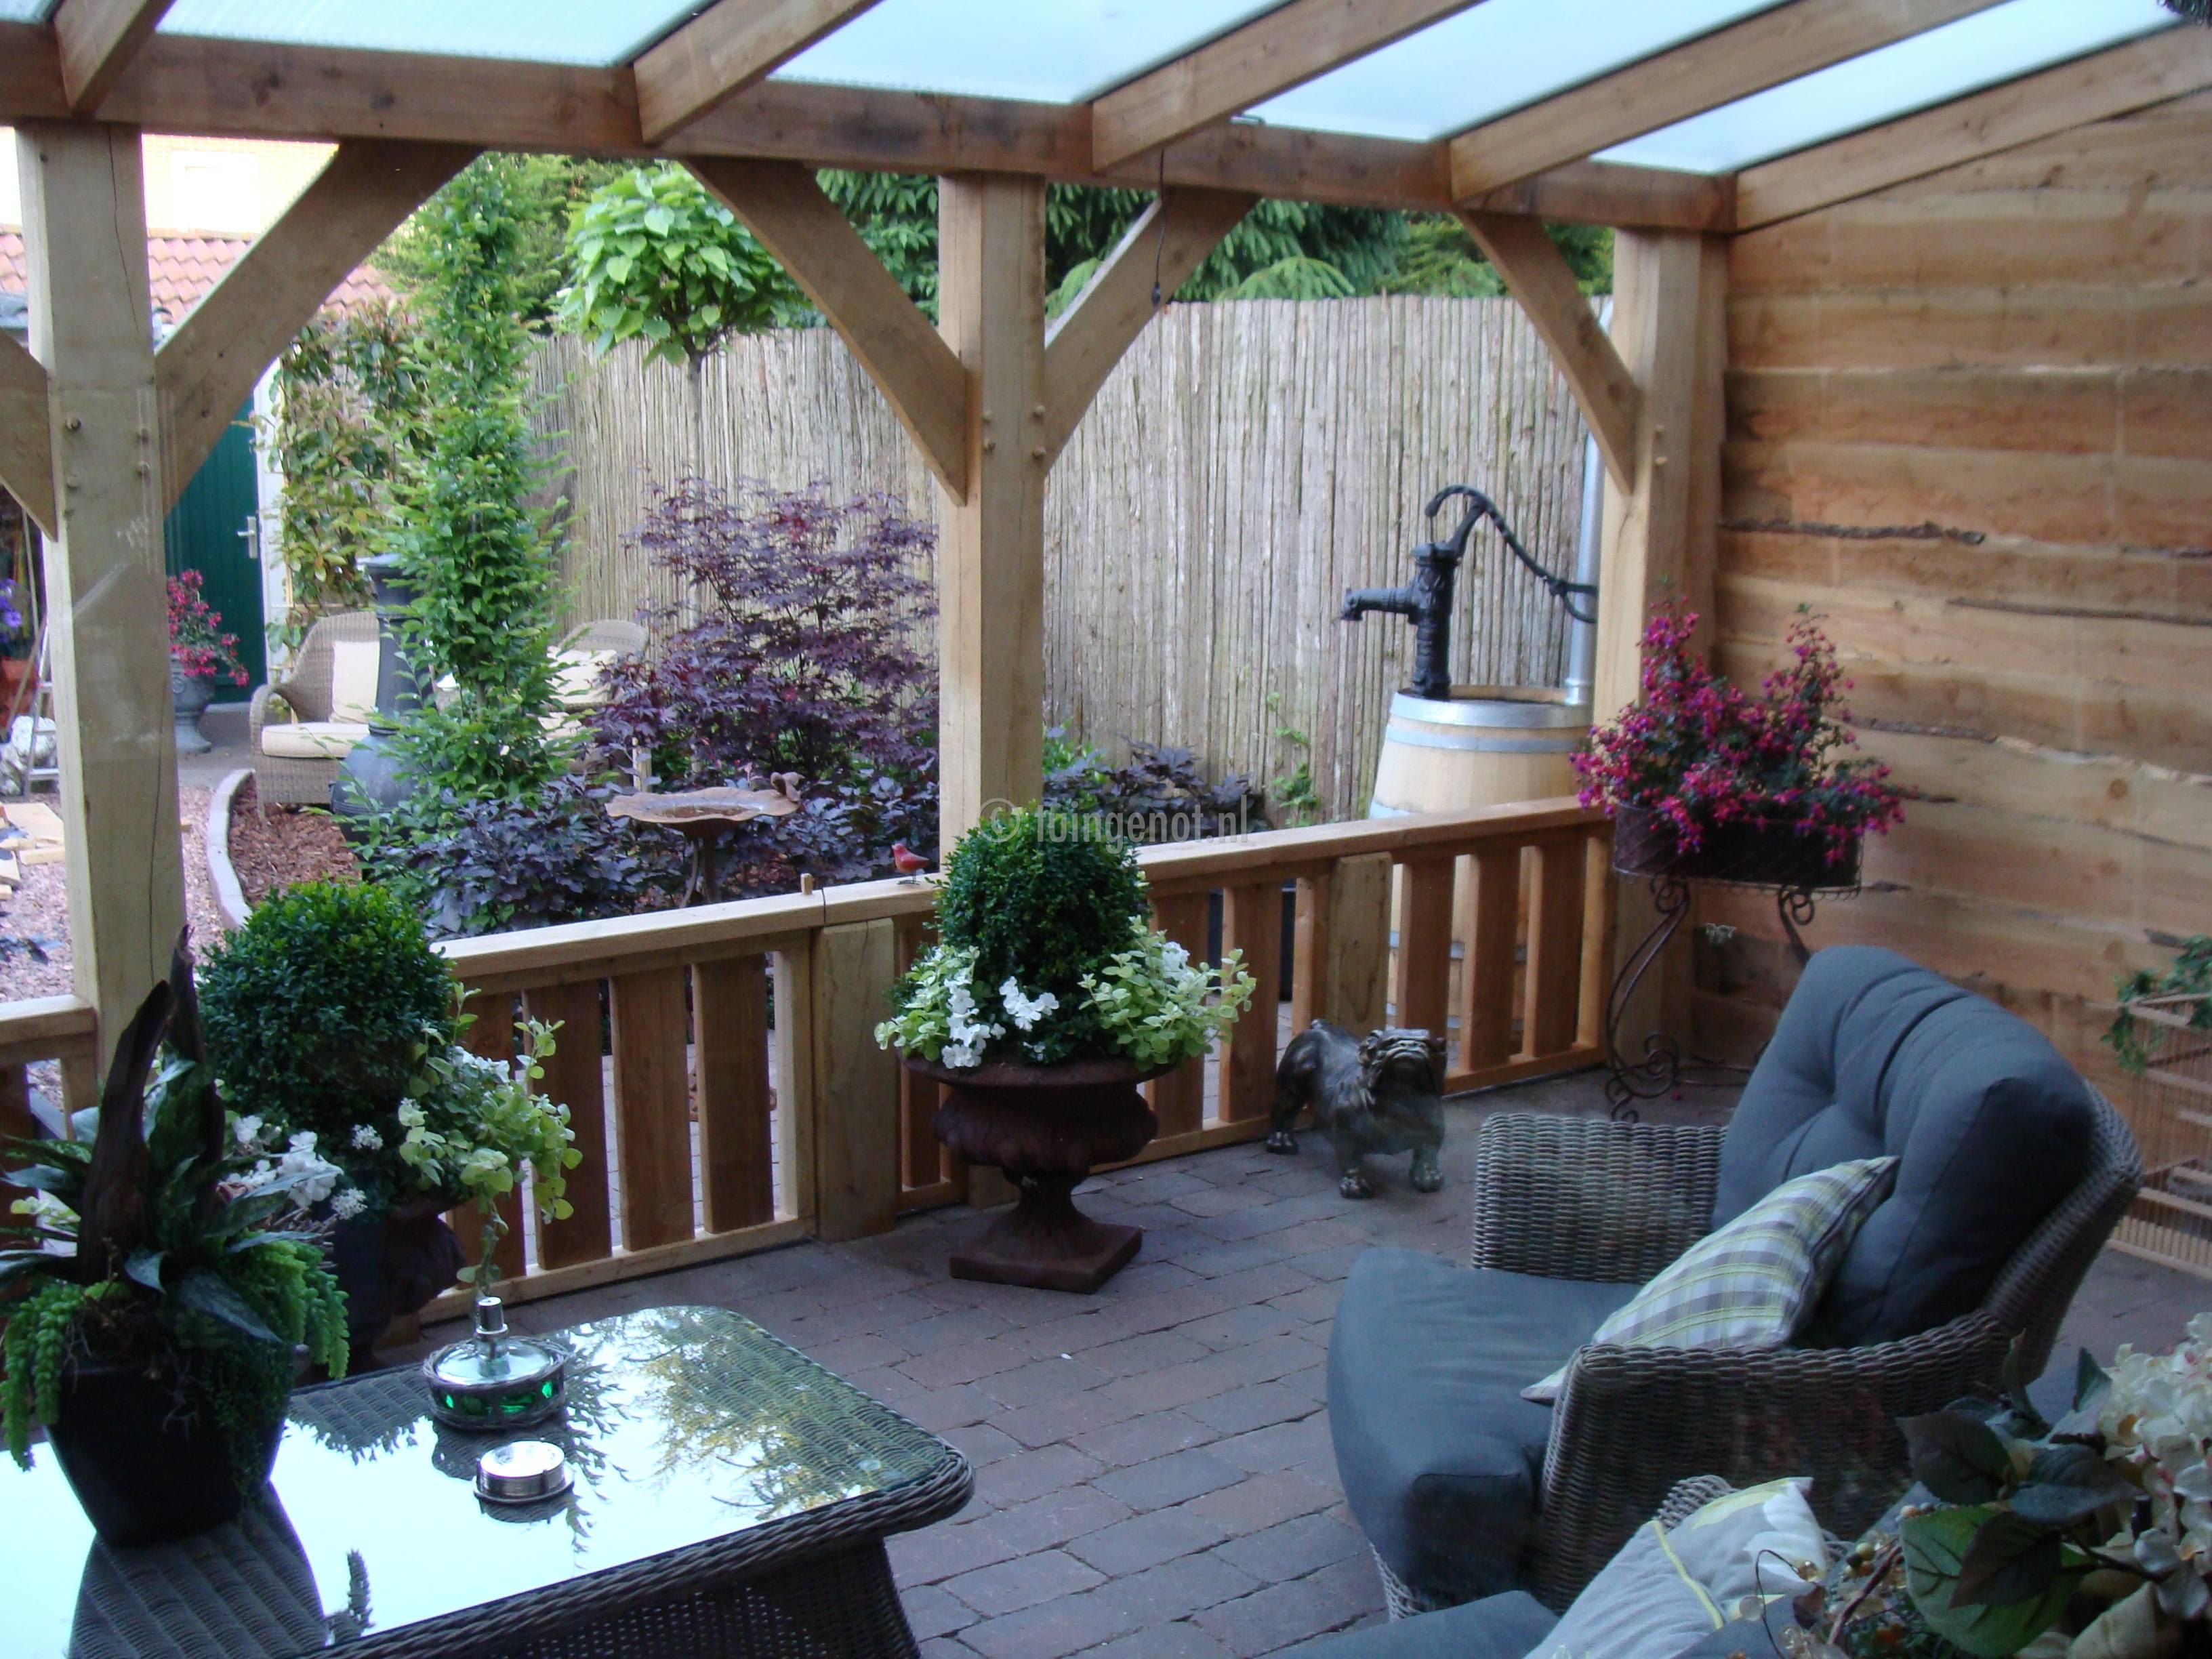 Tuingenot 49 eiken veranda met robuuste hek enkhuizen - Veranda decoratie ...